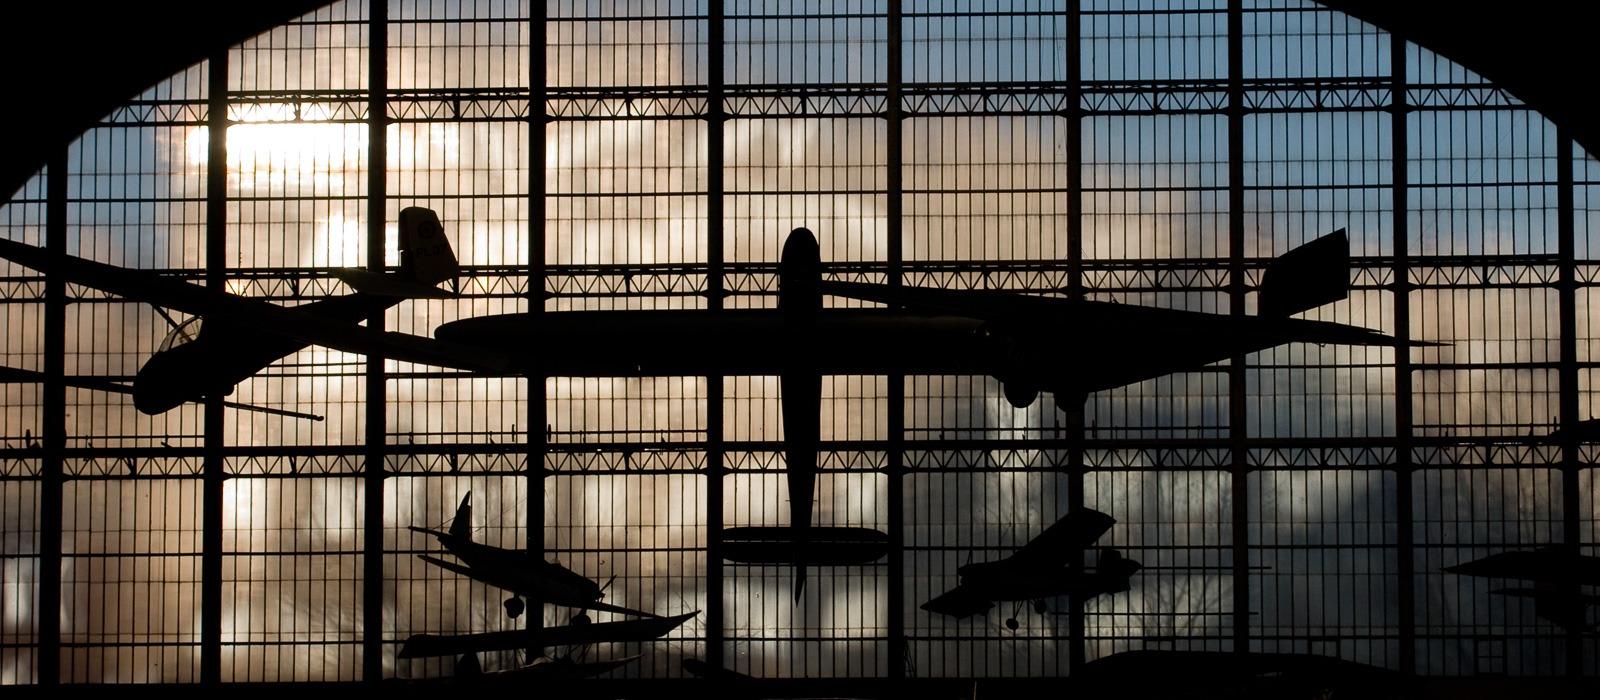 Het jubelpark in Brussel herbergt een imposante collectie vliegtuigen.